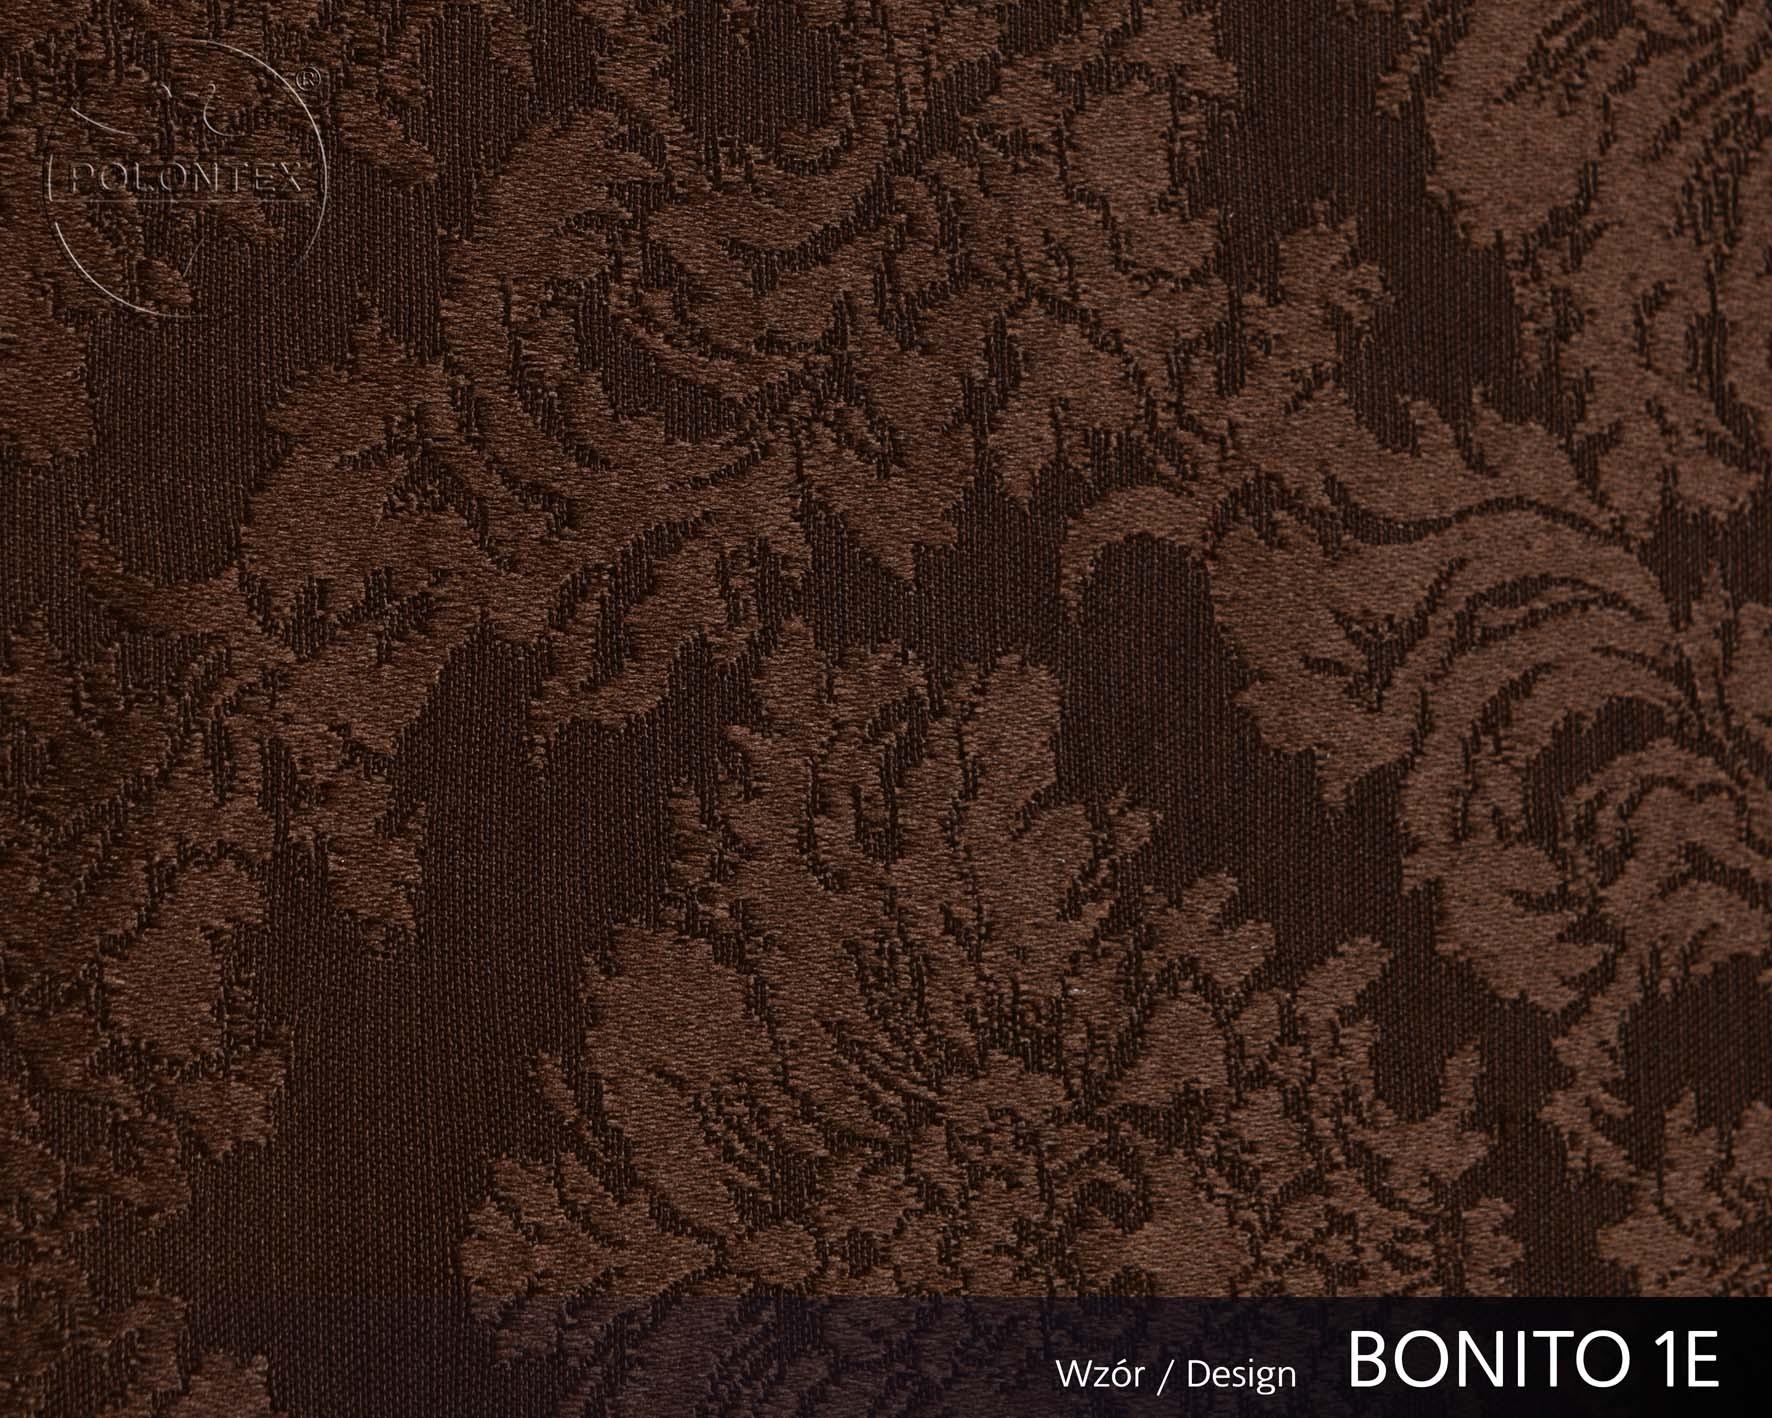 Bonito 1E 7508